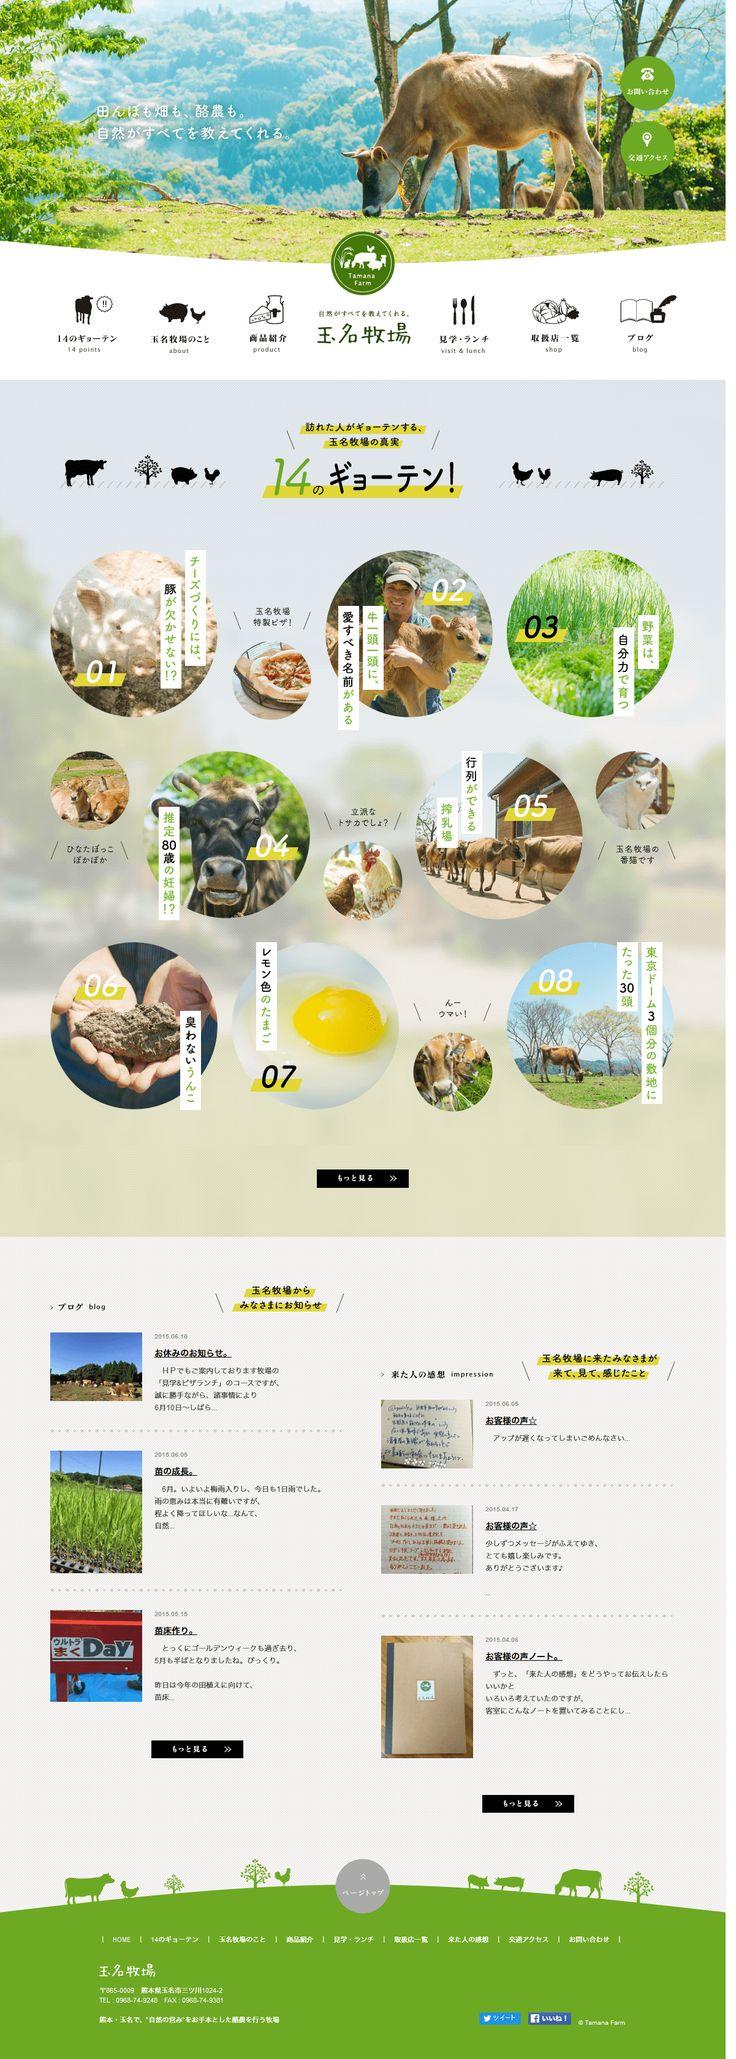 玉名牧場 #緑系 #ベージュ系 #イラスト http://www.tamanabokujo.jp/